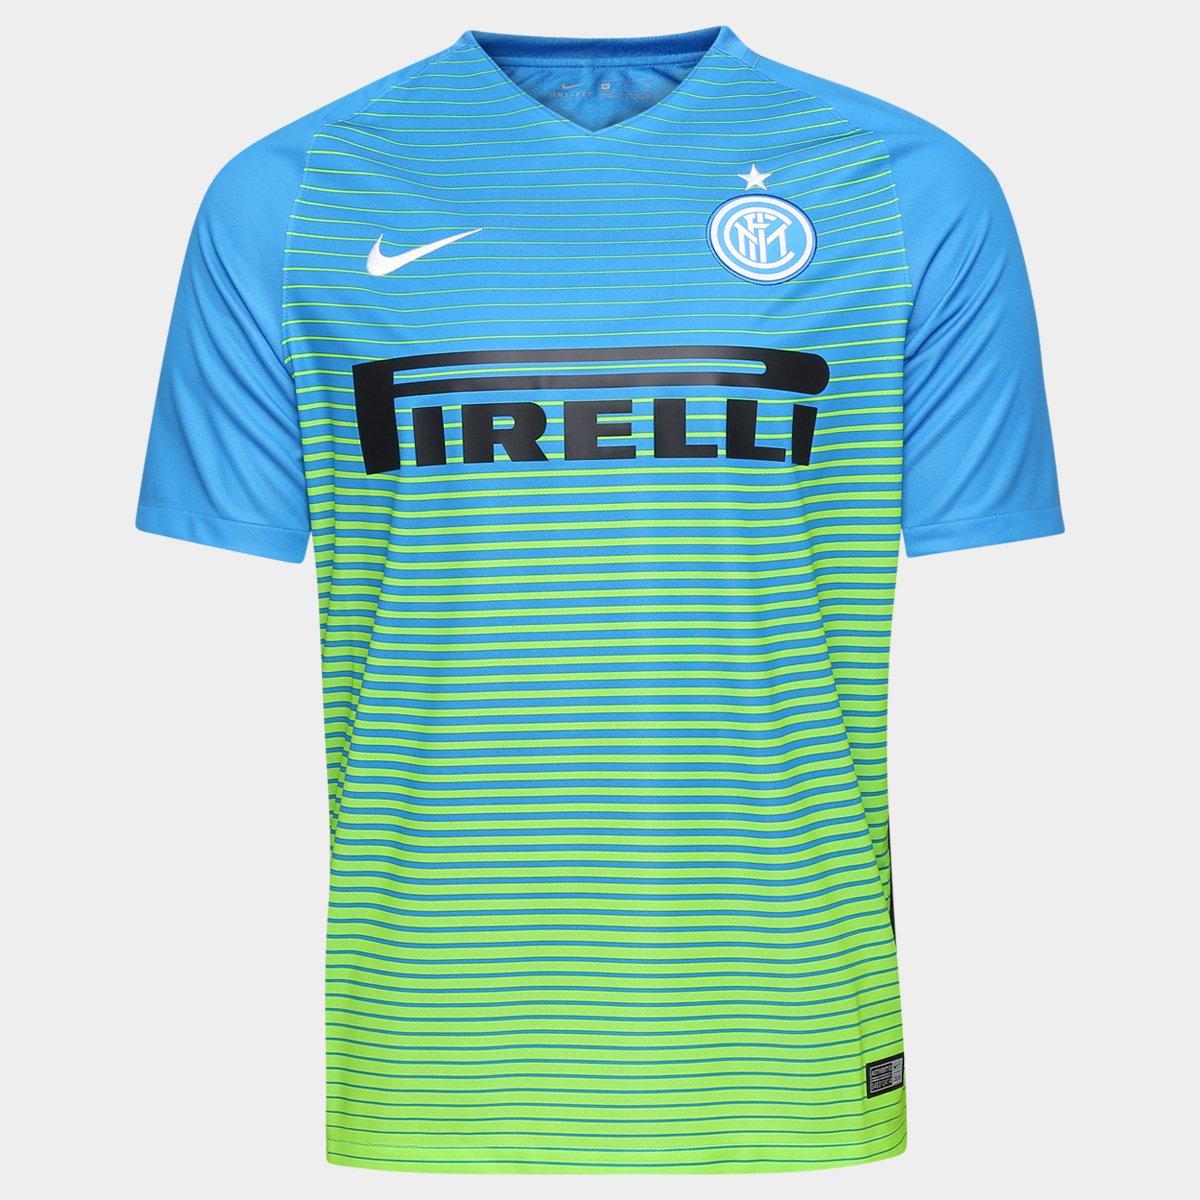 4b9cfca7be Camisa Inter de Milão Third 16 17 s nº Torcedor Nike Masculina - Compre  Agora